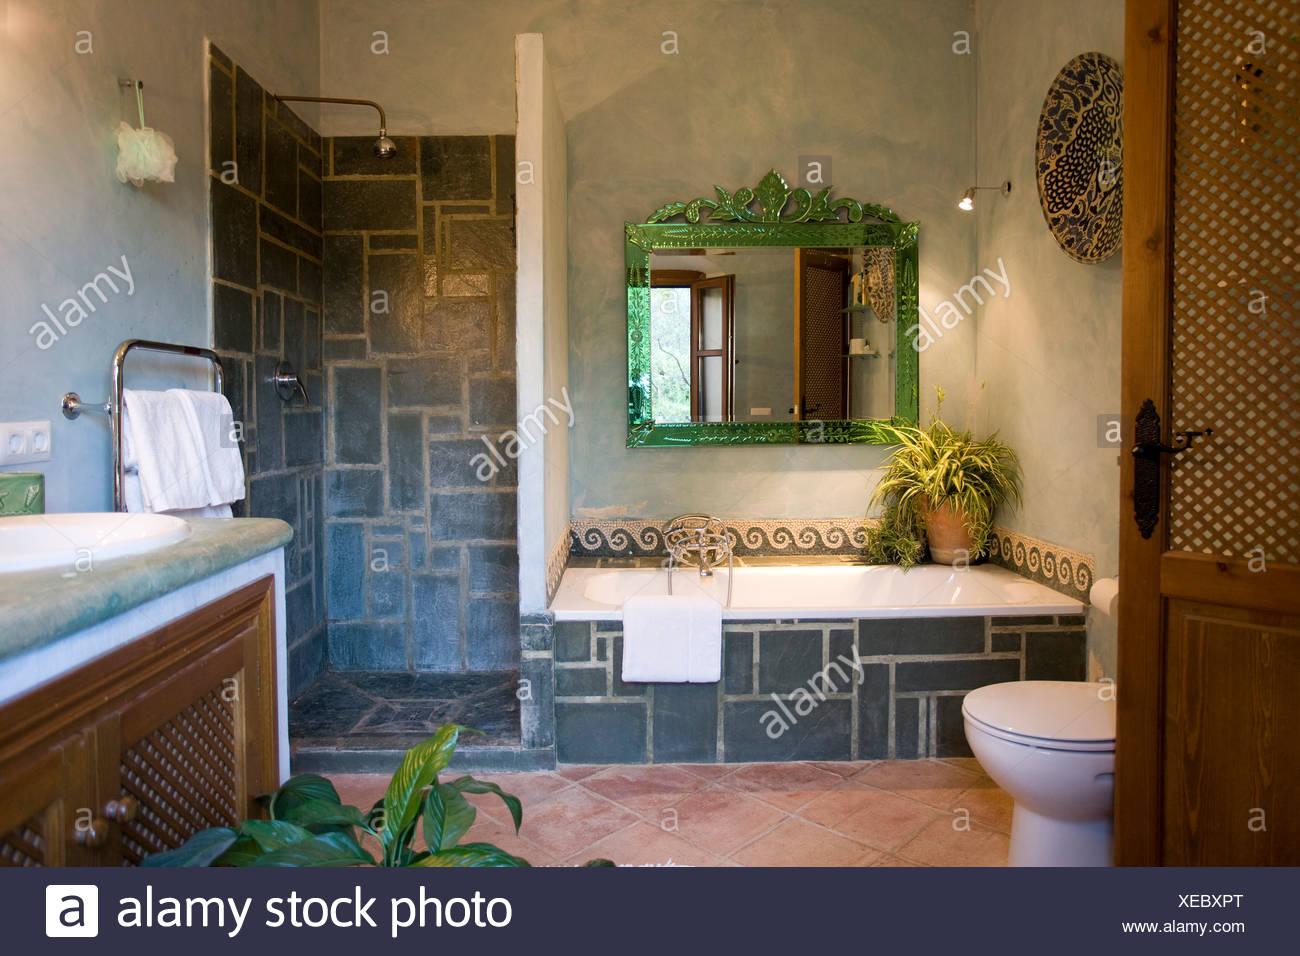 Green specchio incorniciato sopra con bagno in piastrelle di ardesia